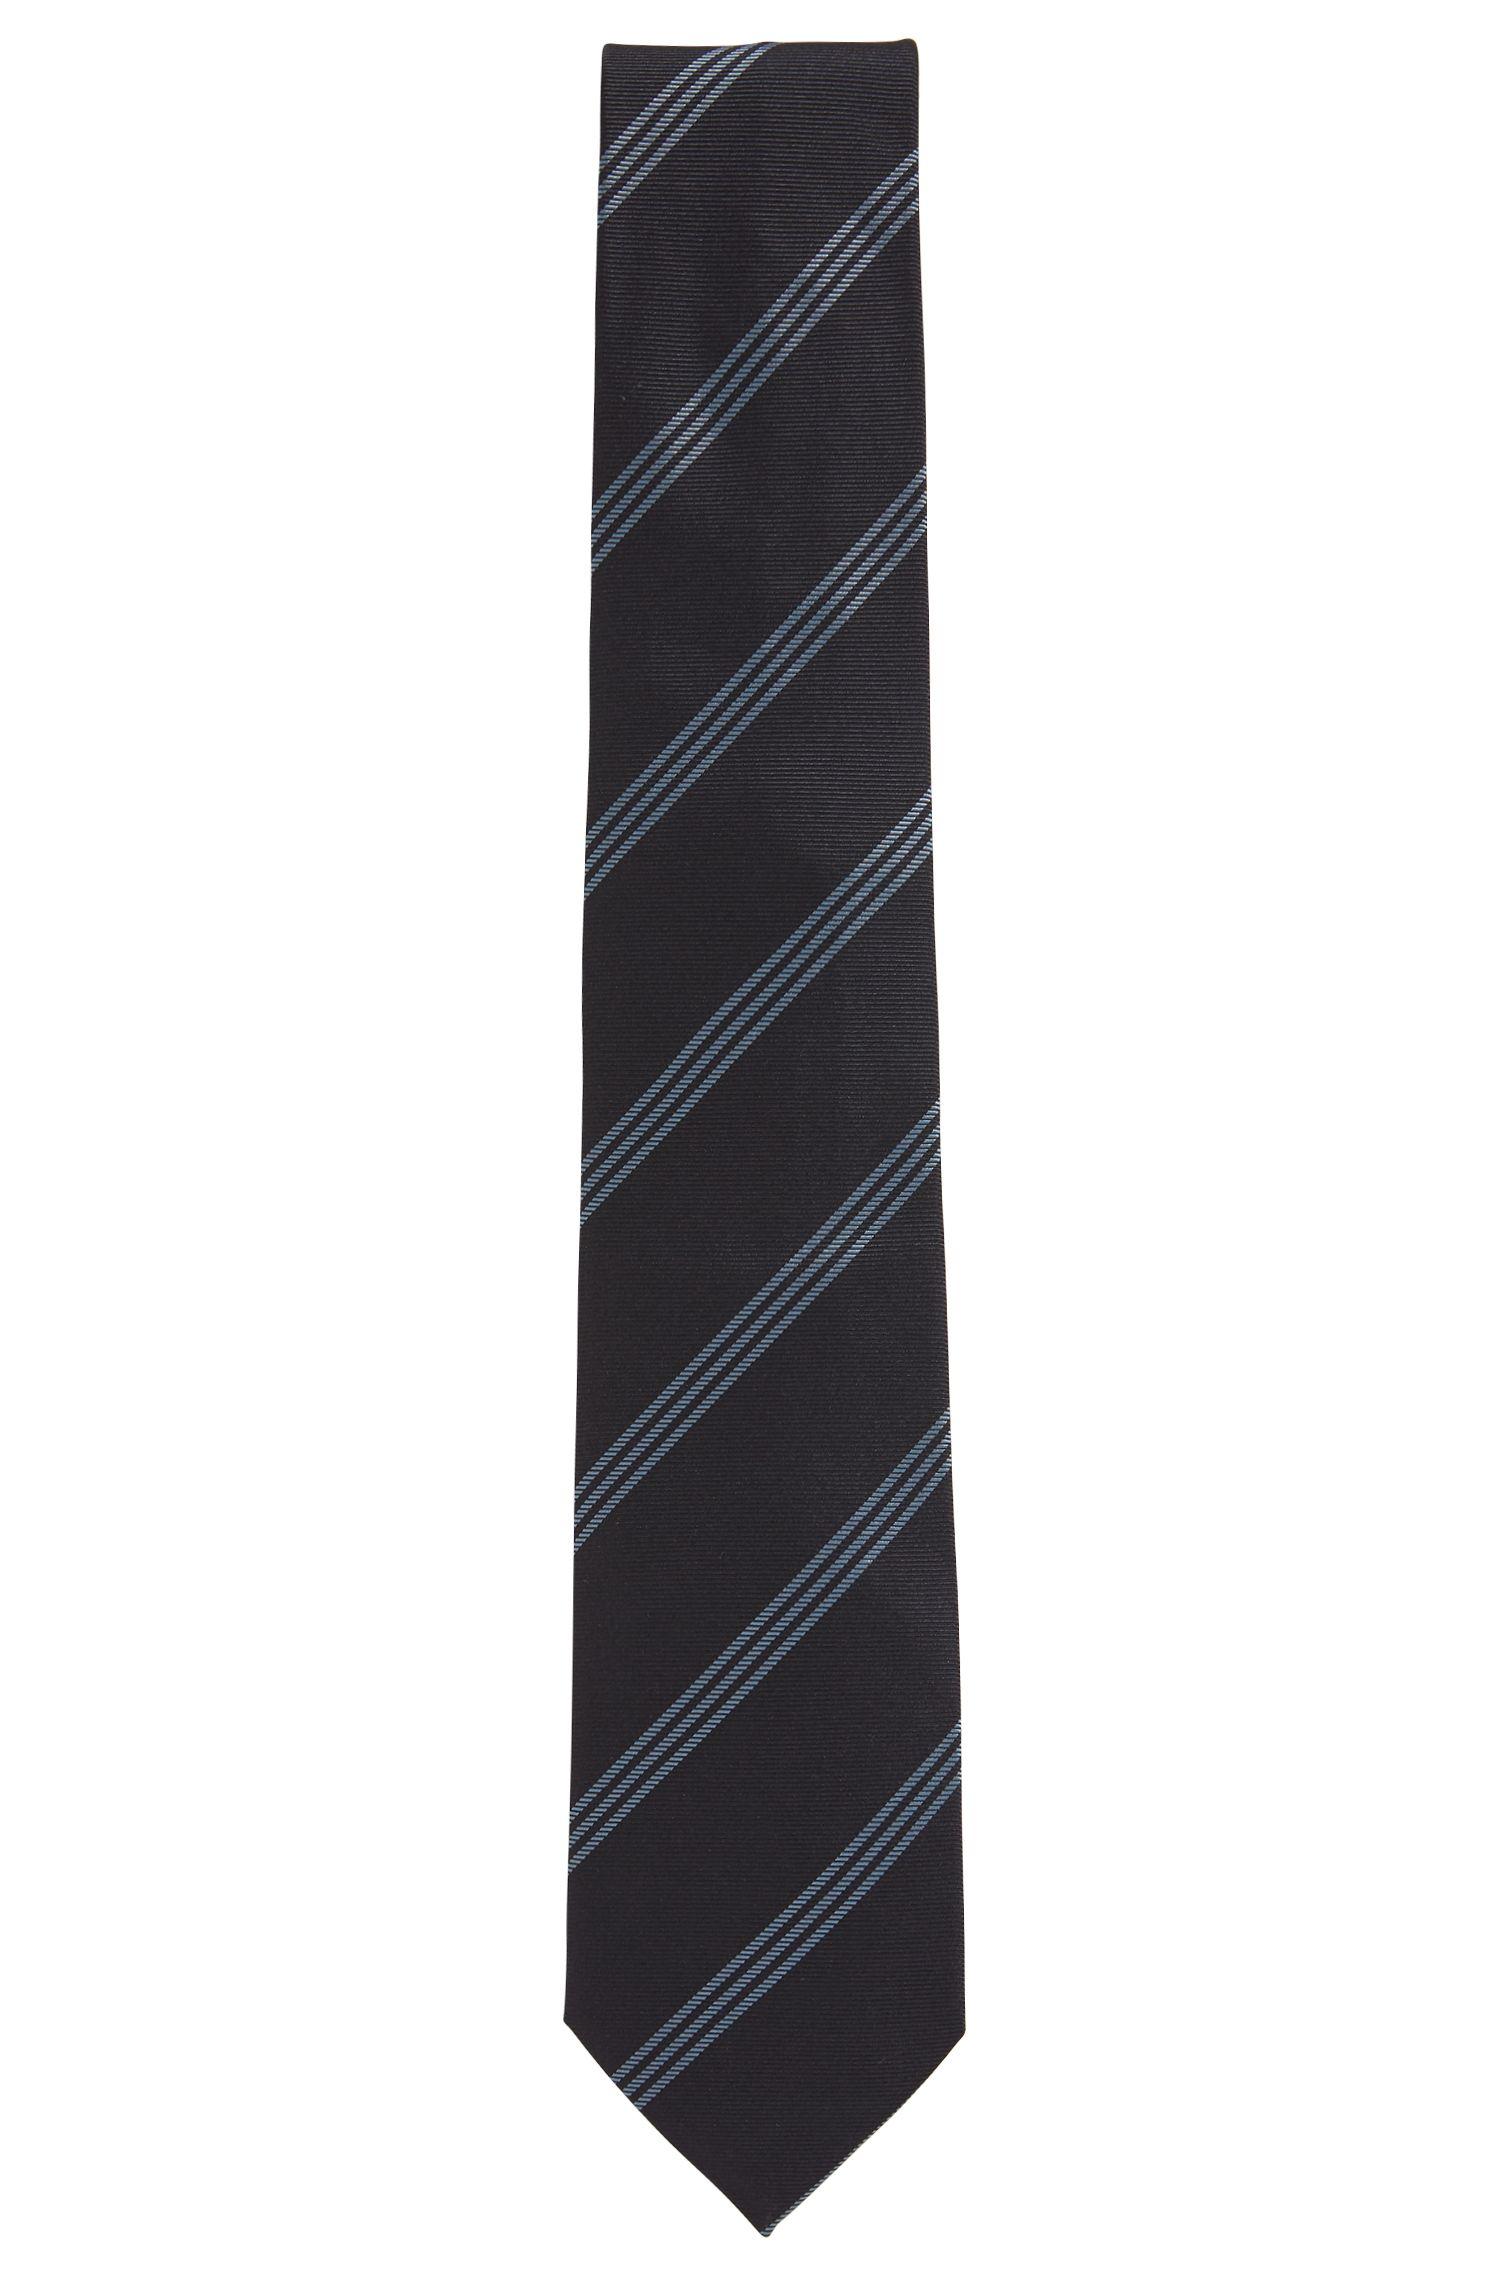 Cravate en soie confectionnée en Italie avec jeu de triples rayures en diagonale, Fantaisie